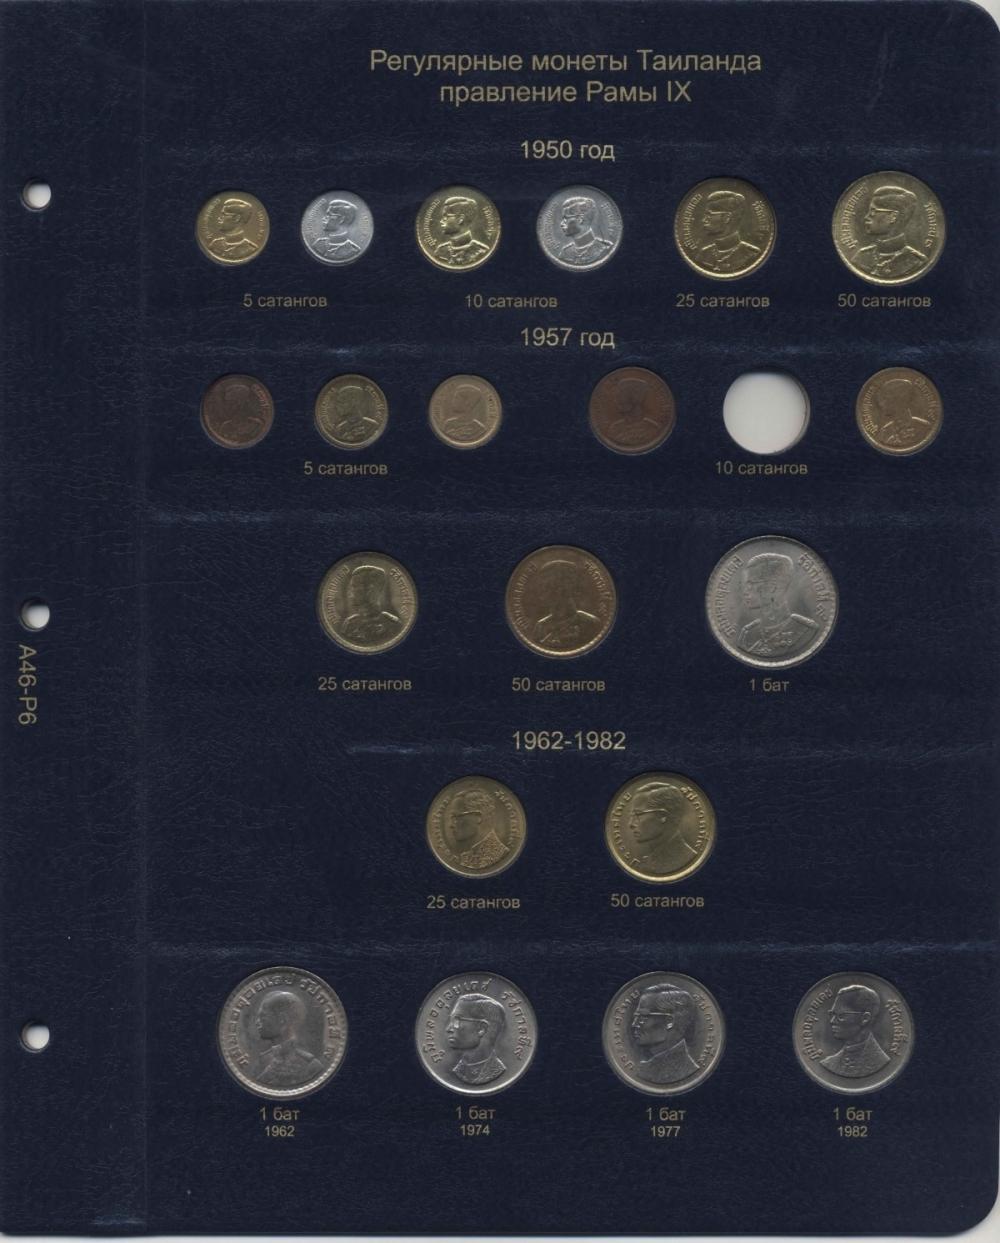 Комплект листов для регулярных монет Таиланда с 1950 г. - 1